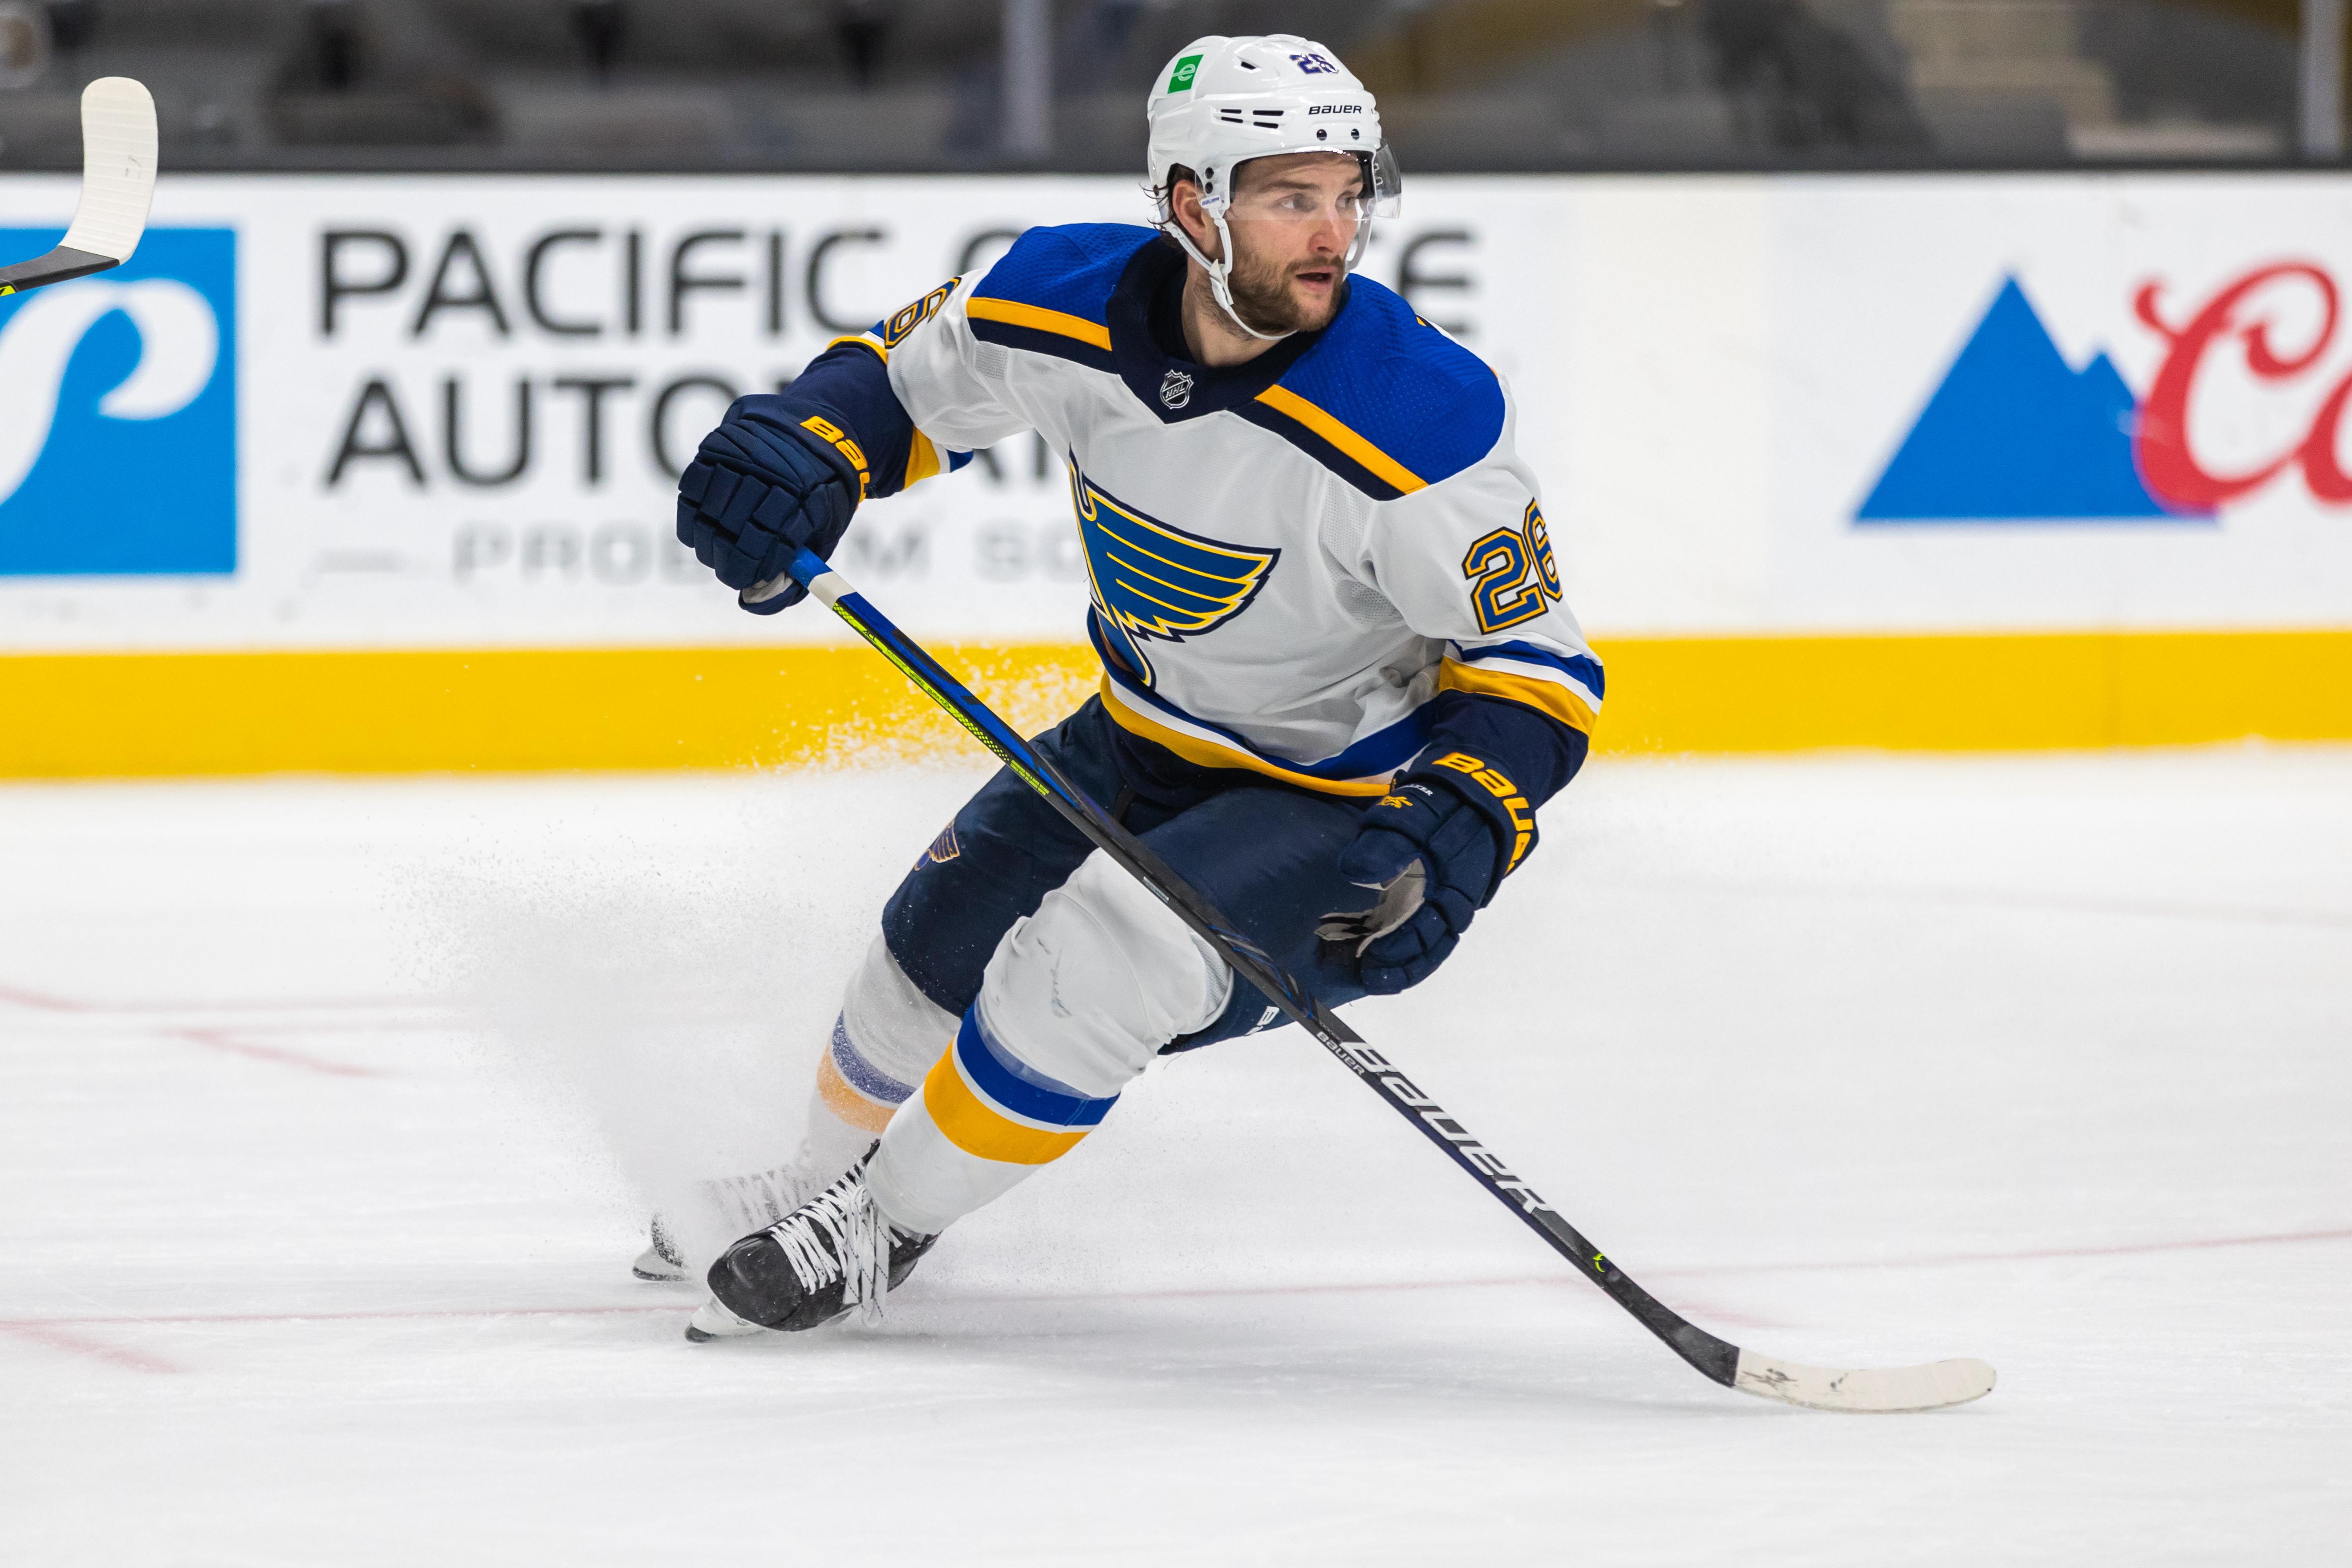 NHL: MAR 20 Blues at Sharks